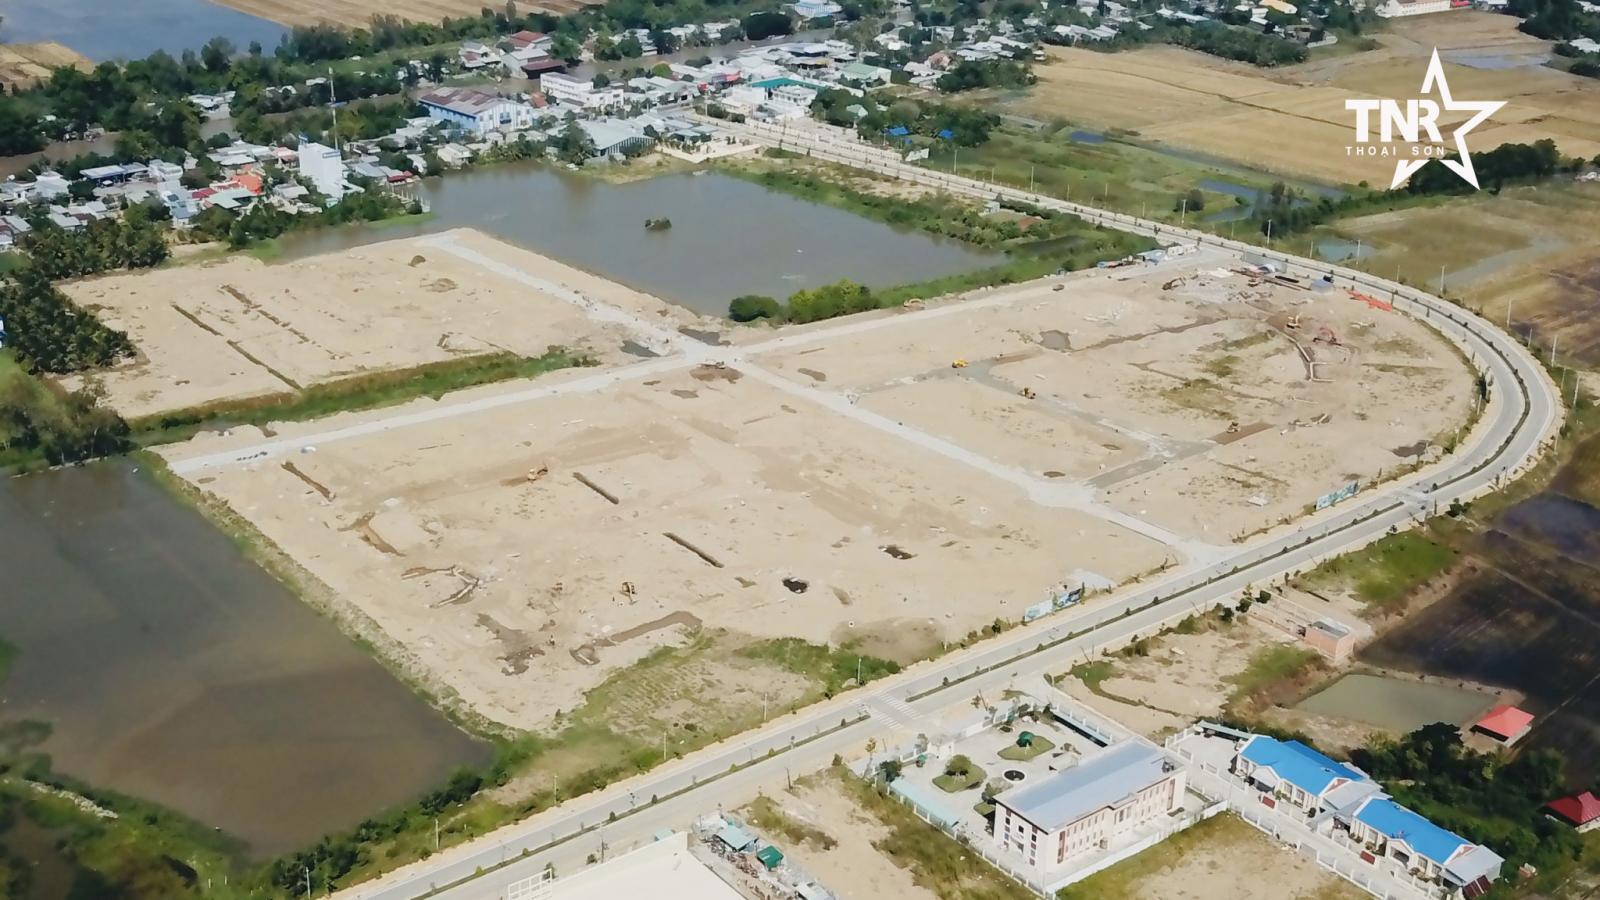 Công trường dự án với bãi đất trống cạnh sông và nhiều nhà ở hiện hữu